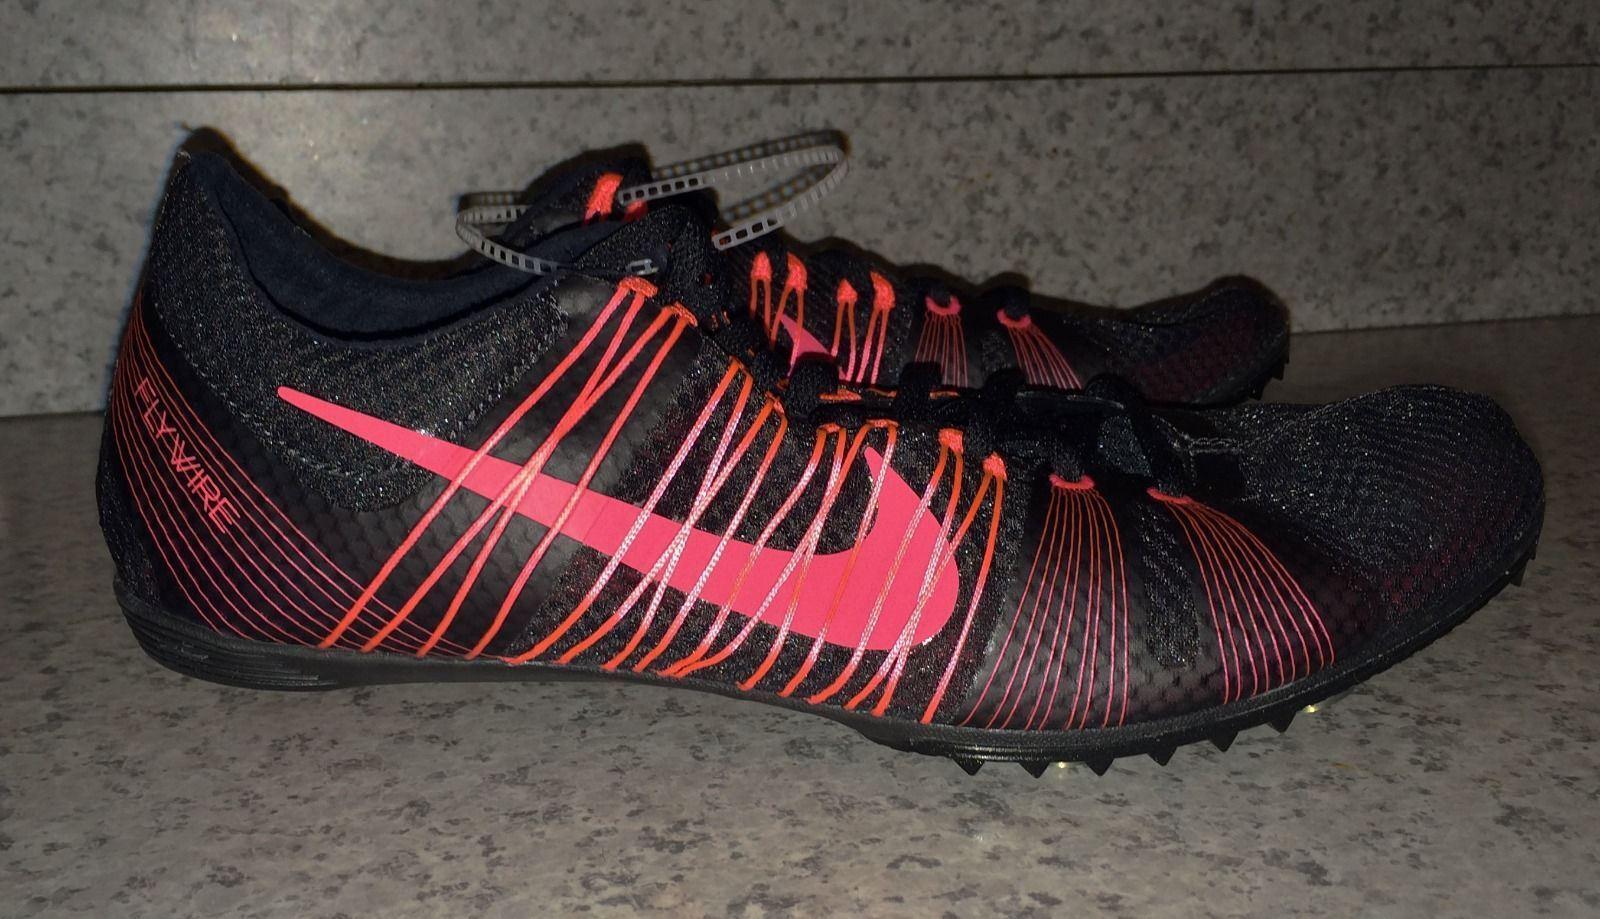 nike victoire distance 2 nsp Gris  à mi - distance victoire de suivre les chaussures hommes 7 11 12 13 14 15 7f0f1c